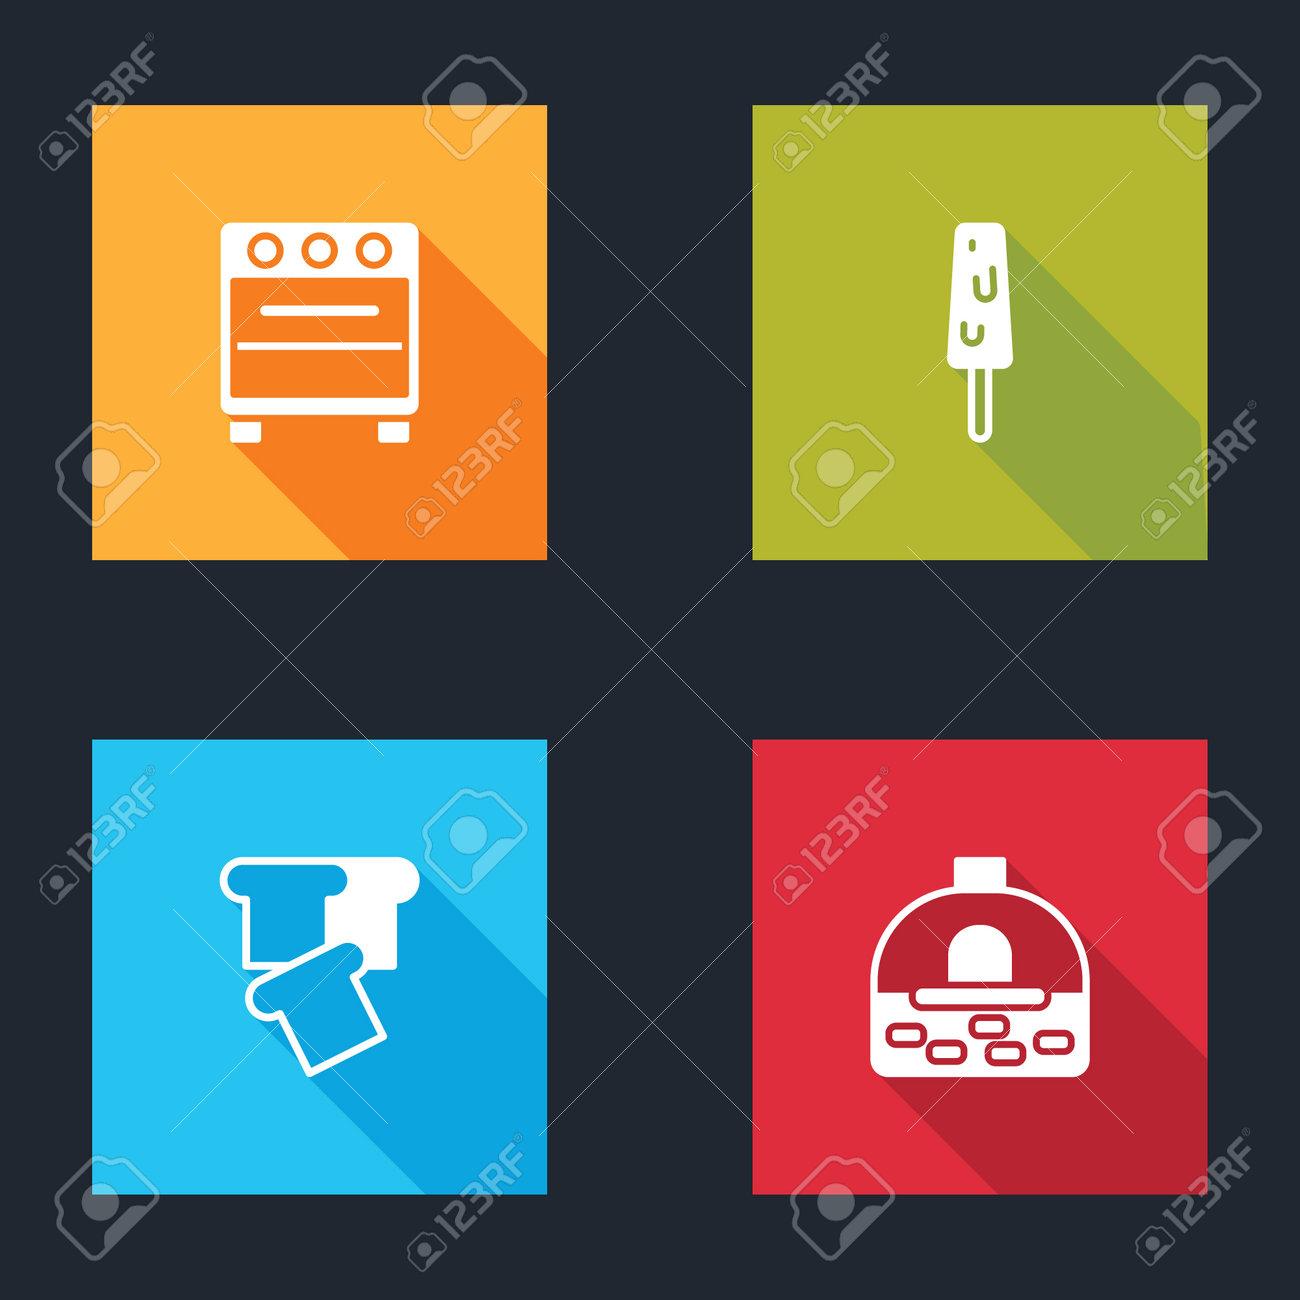 Set Oven, Ice cream, Bread toast and Brick stove icon. Vector - 162466640